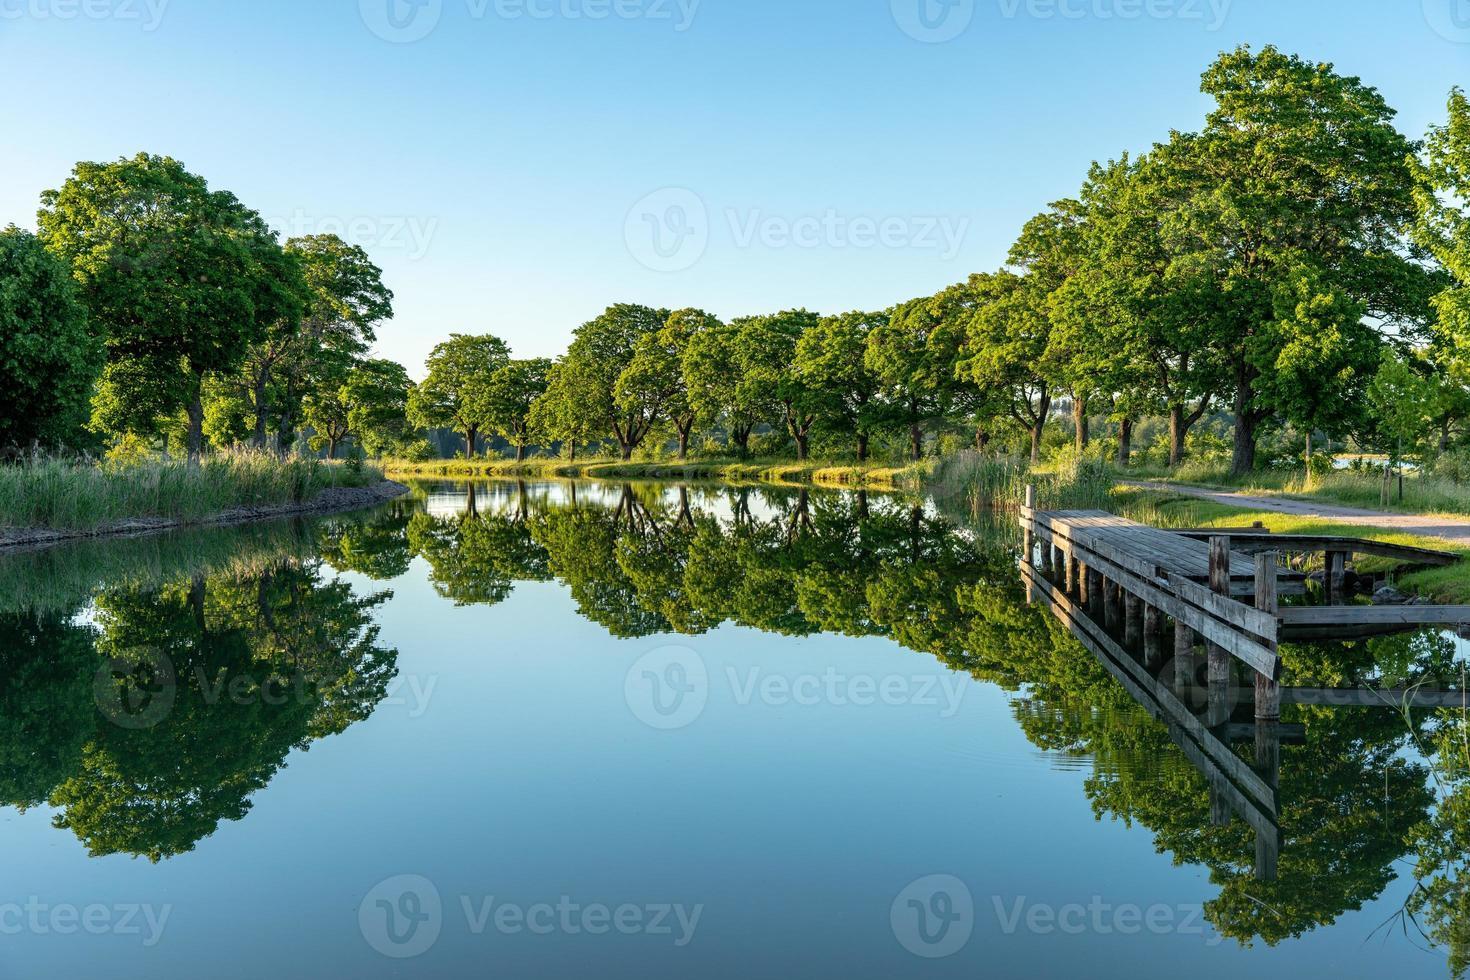 gota canal avec de l'eau calme dans la lumière du soleil du soir photo